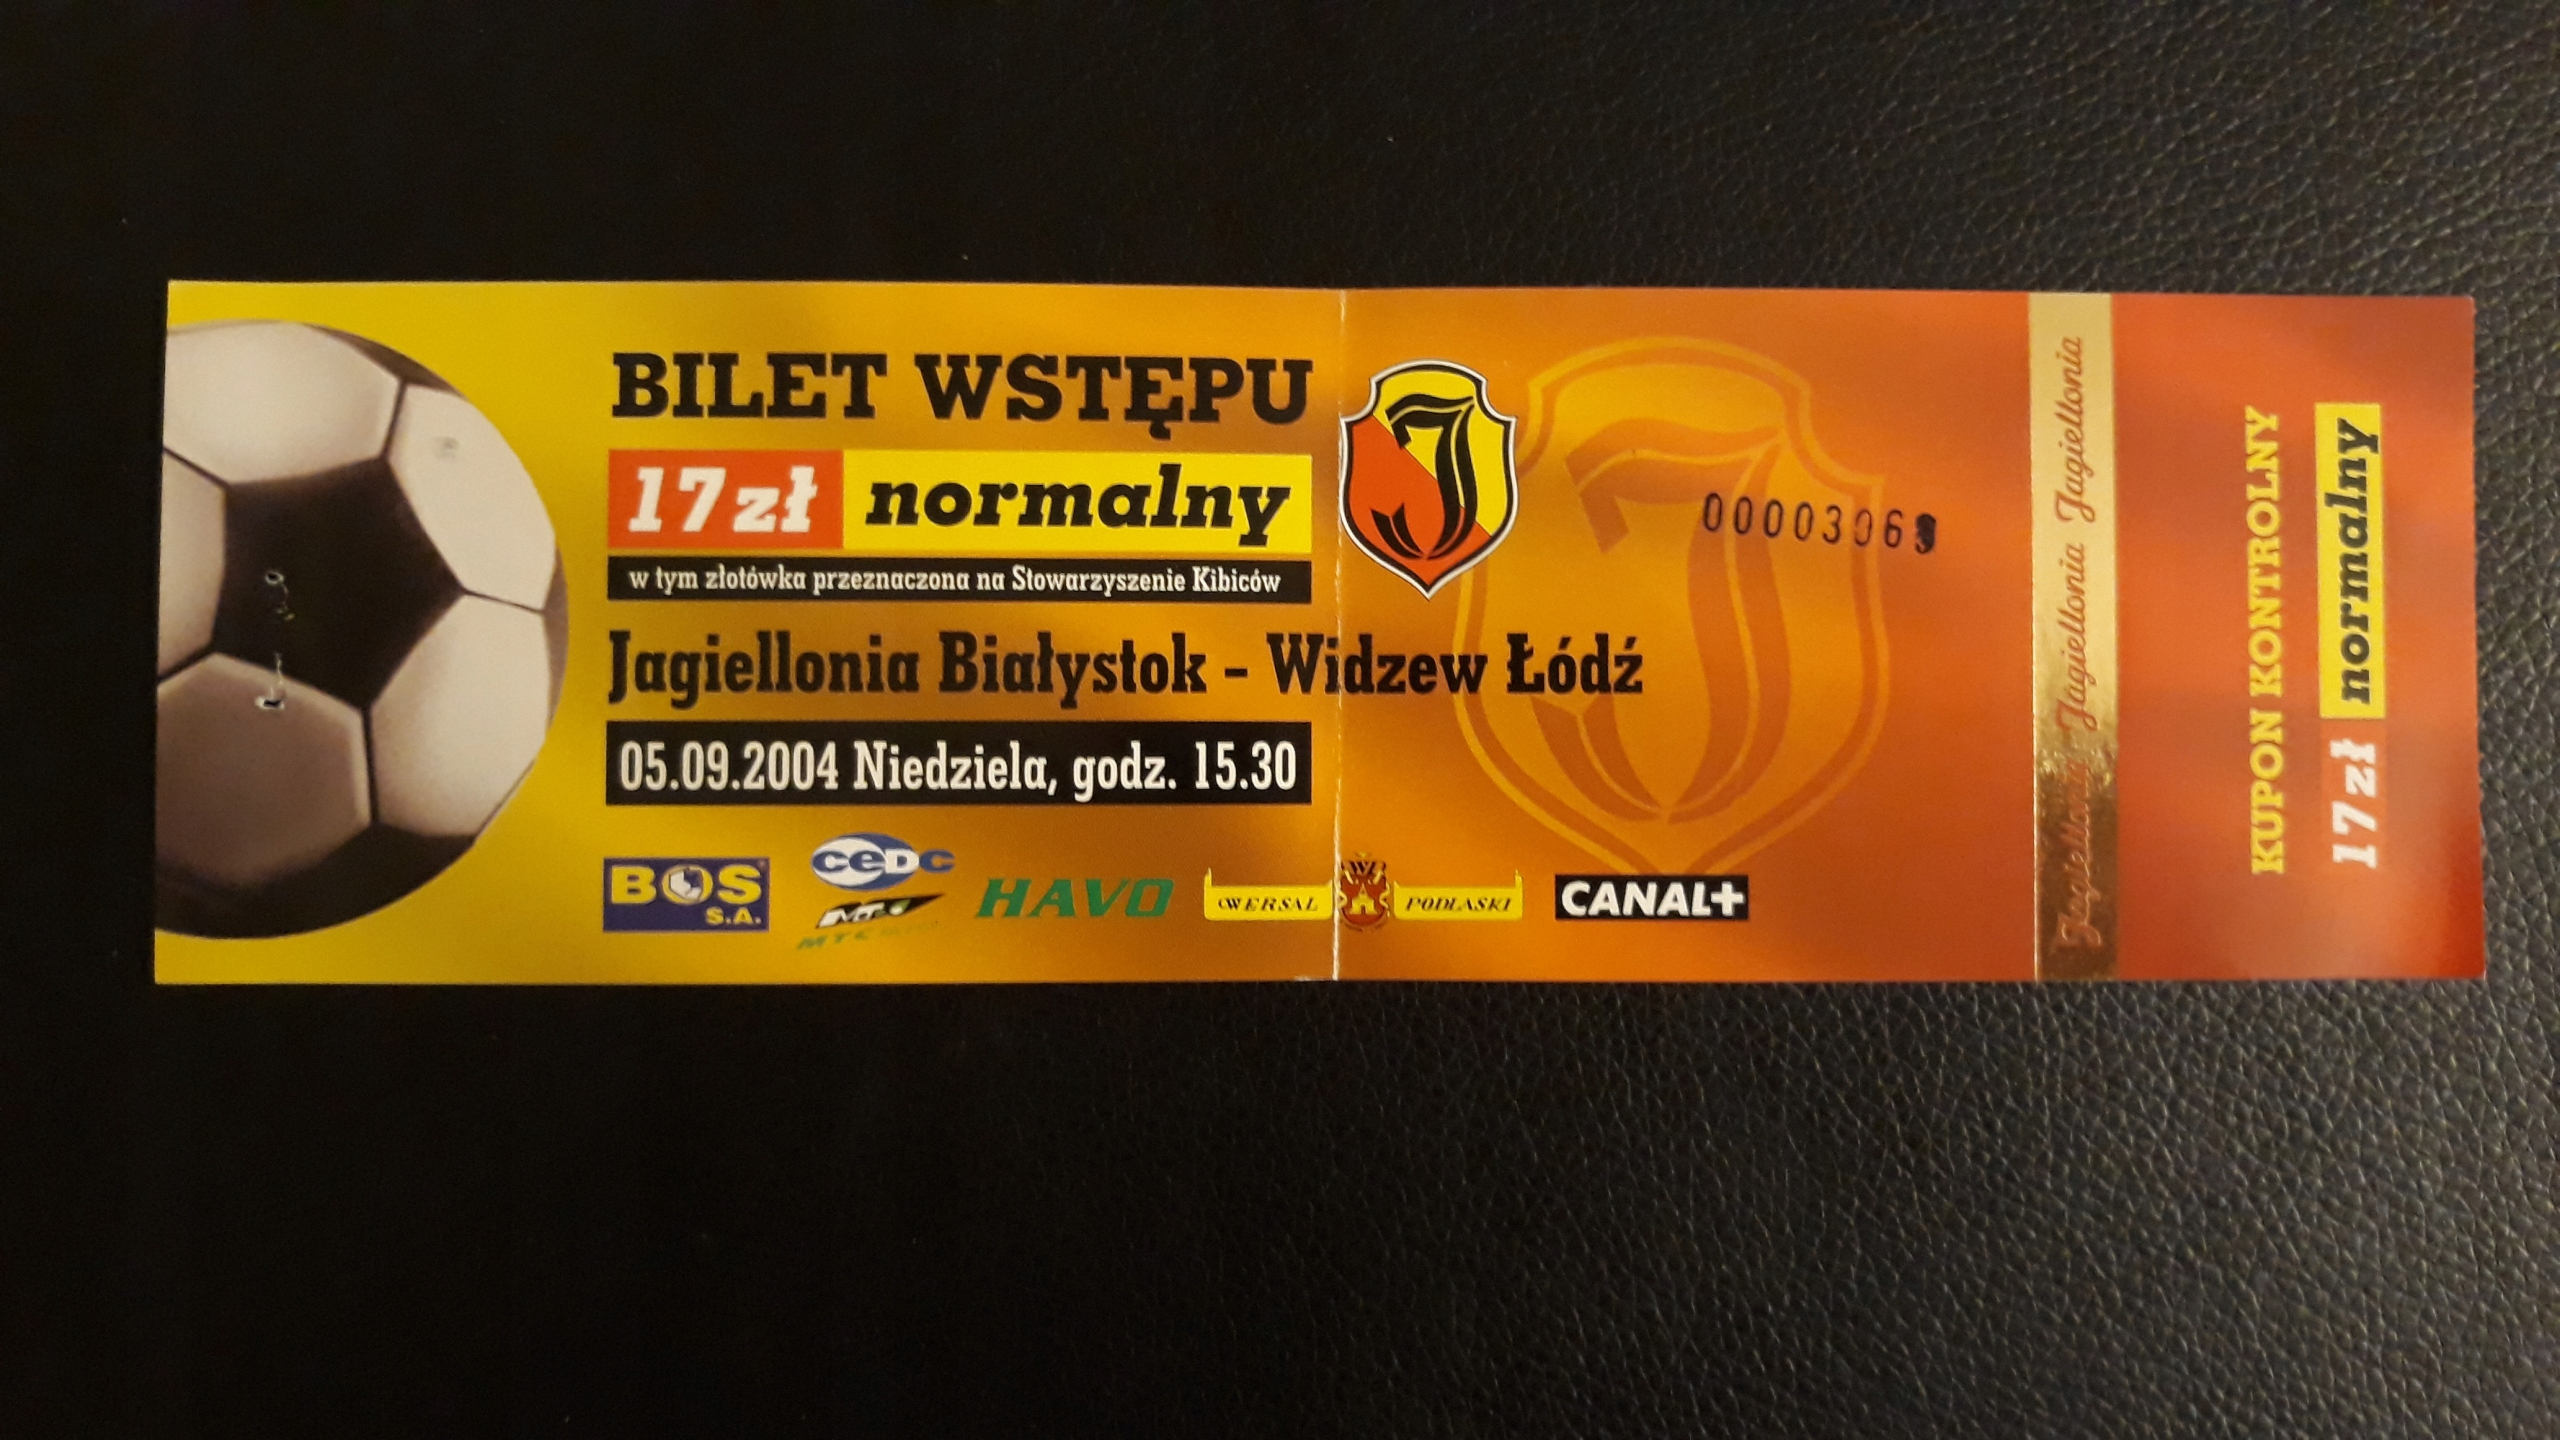 bilet Jagiellonia B-stok- Widzew Łódź 5.09.2004